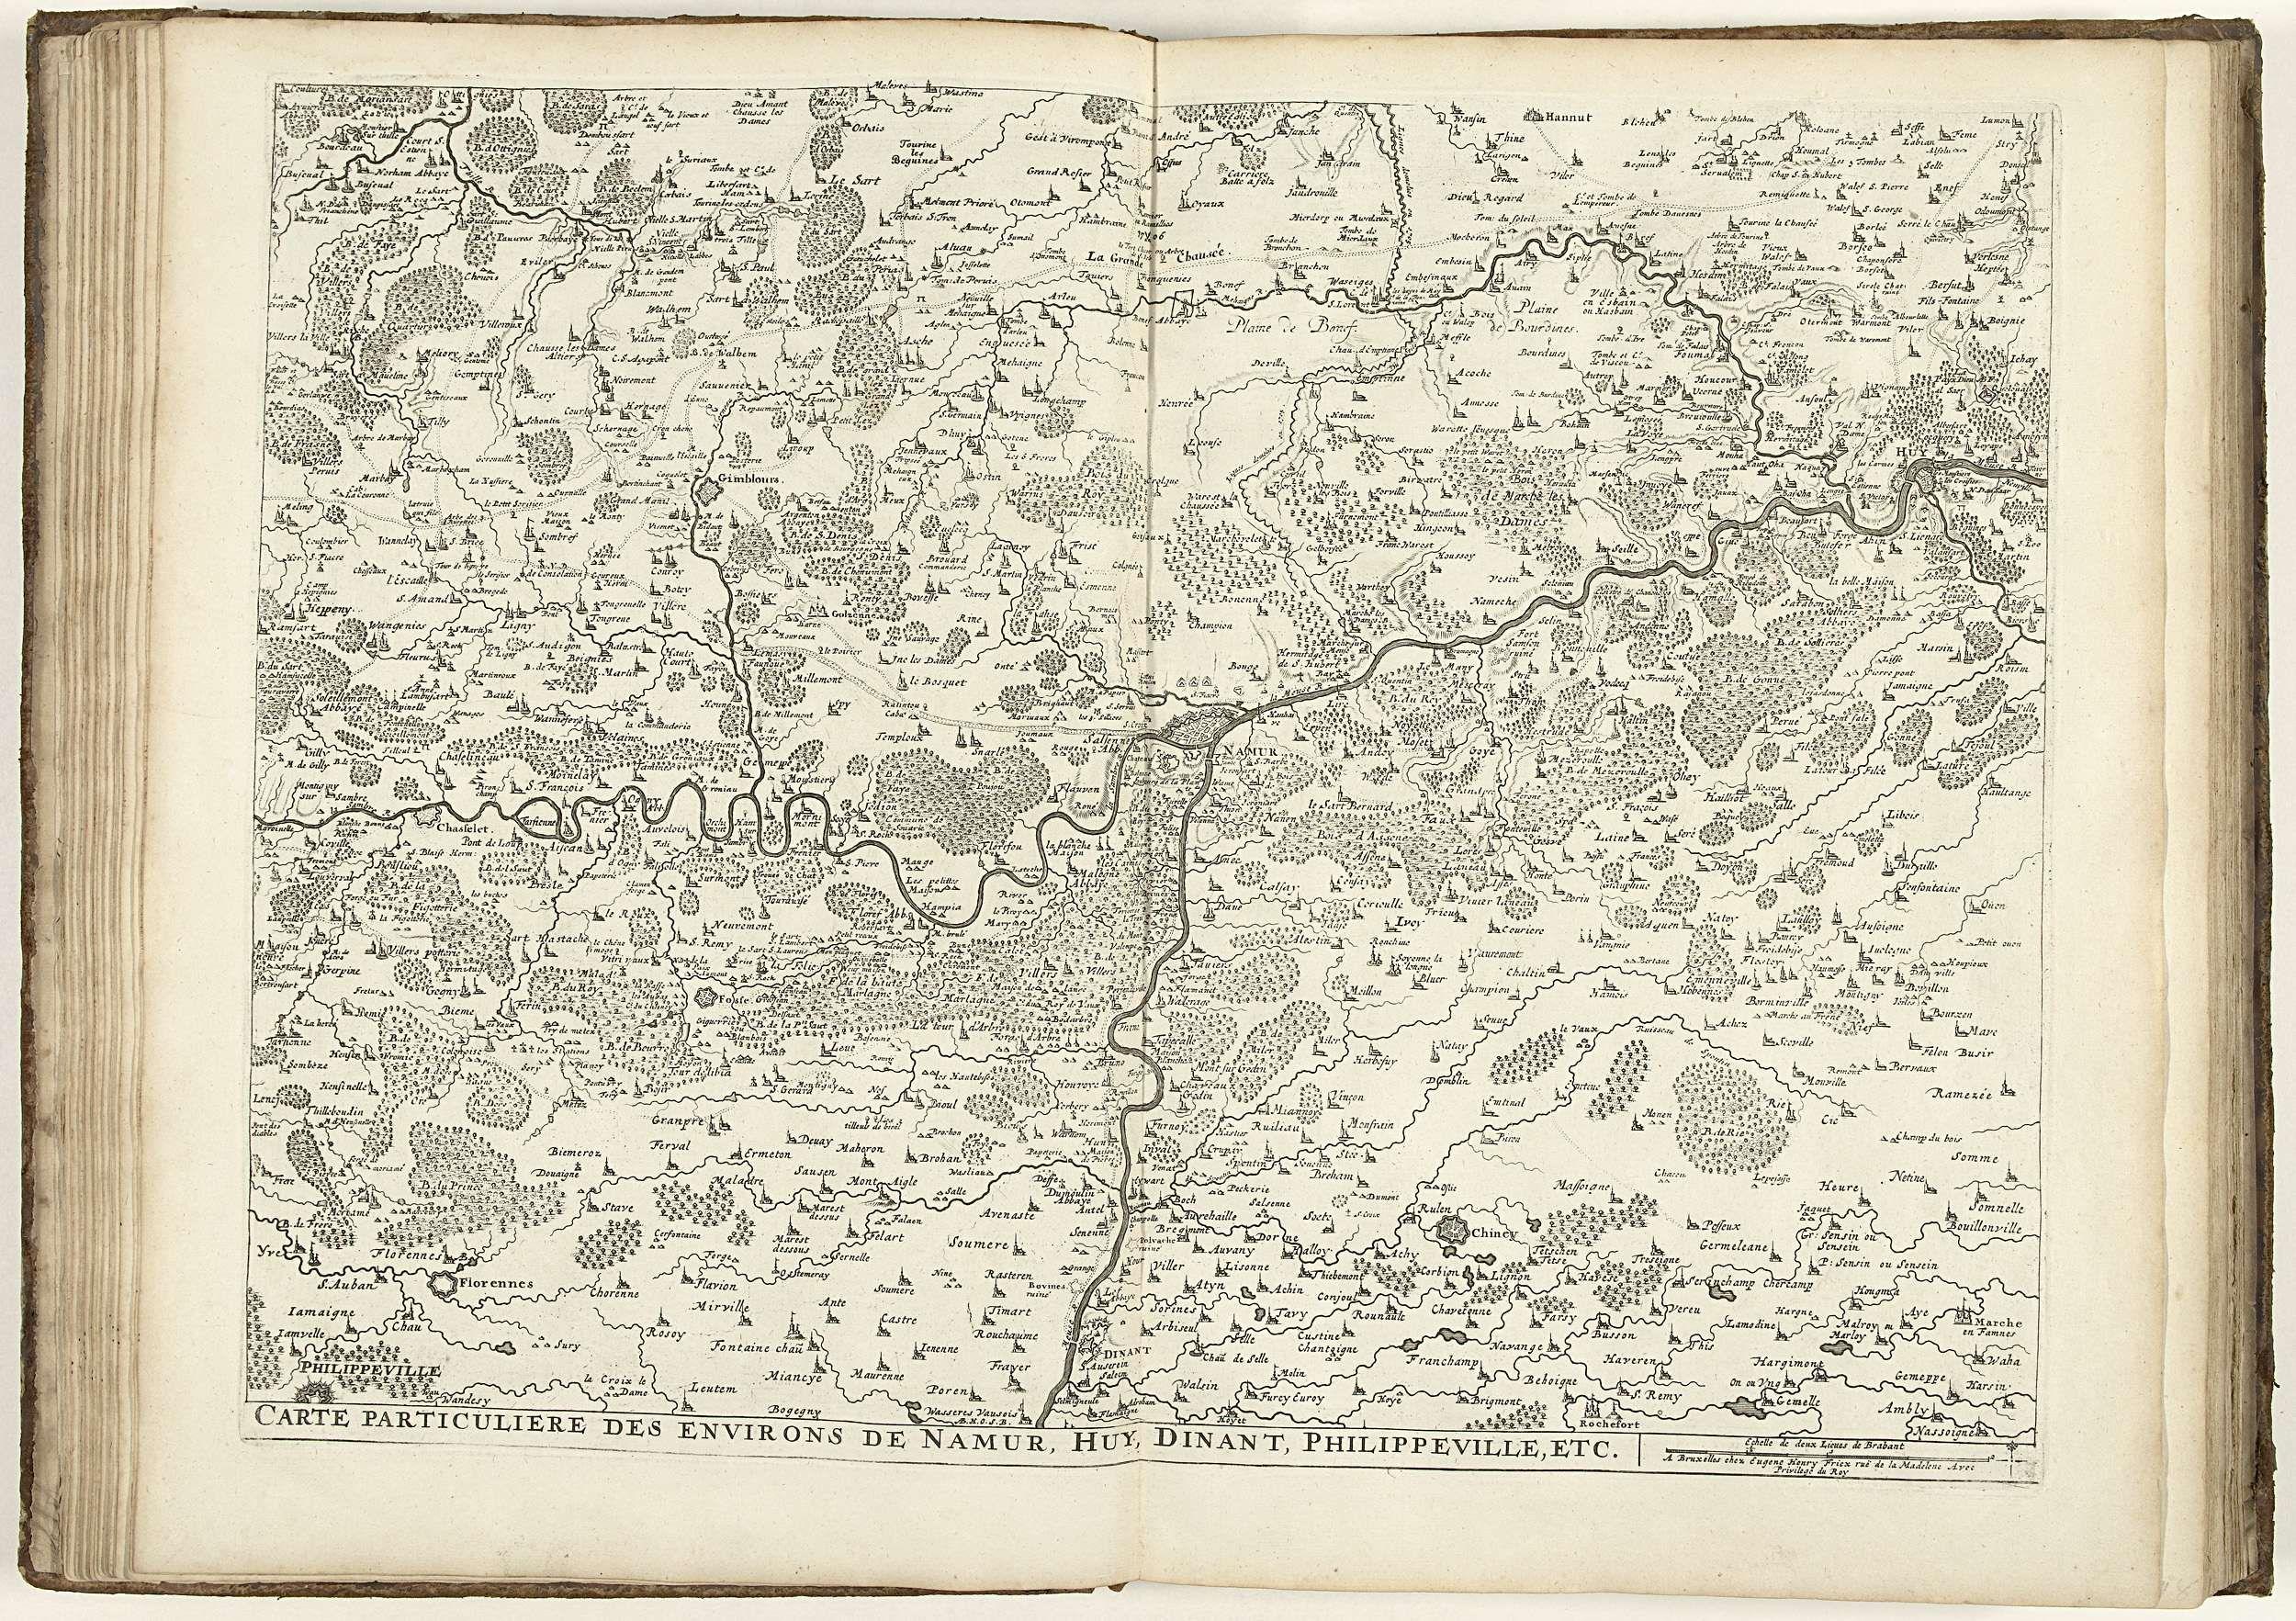 Eugene Henry Fricx | Kaart van de provincie Namen, ca. 1706-1712, Eugene Henry Fricx, unknown, 1706 - 1712 | Kaart van de provincie Namen met de steden Namen, Huy, Dinant en Philippeville, ca. 1706-1712. Onderdeel van een gebundelde verzameling van plannen van veldslagen en steden vermaard in de Spaanse Successieoorlog. Deze plaat behoort tot de eerste 24 platen die samen een zeer grote kaart van de Zuidelijke Nederlanden vormen.